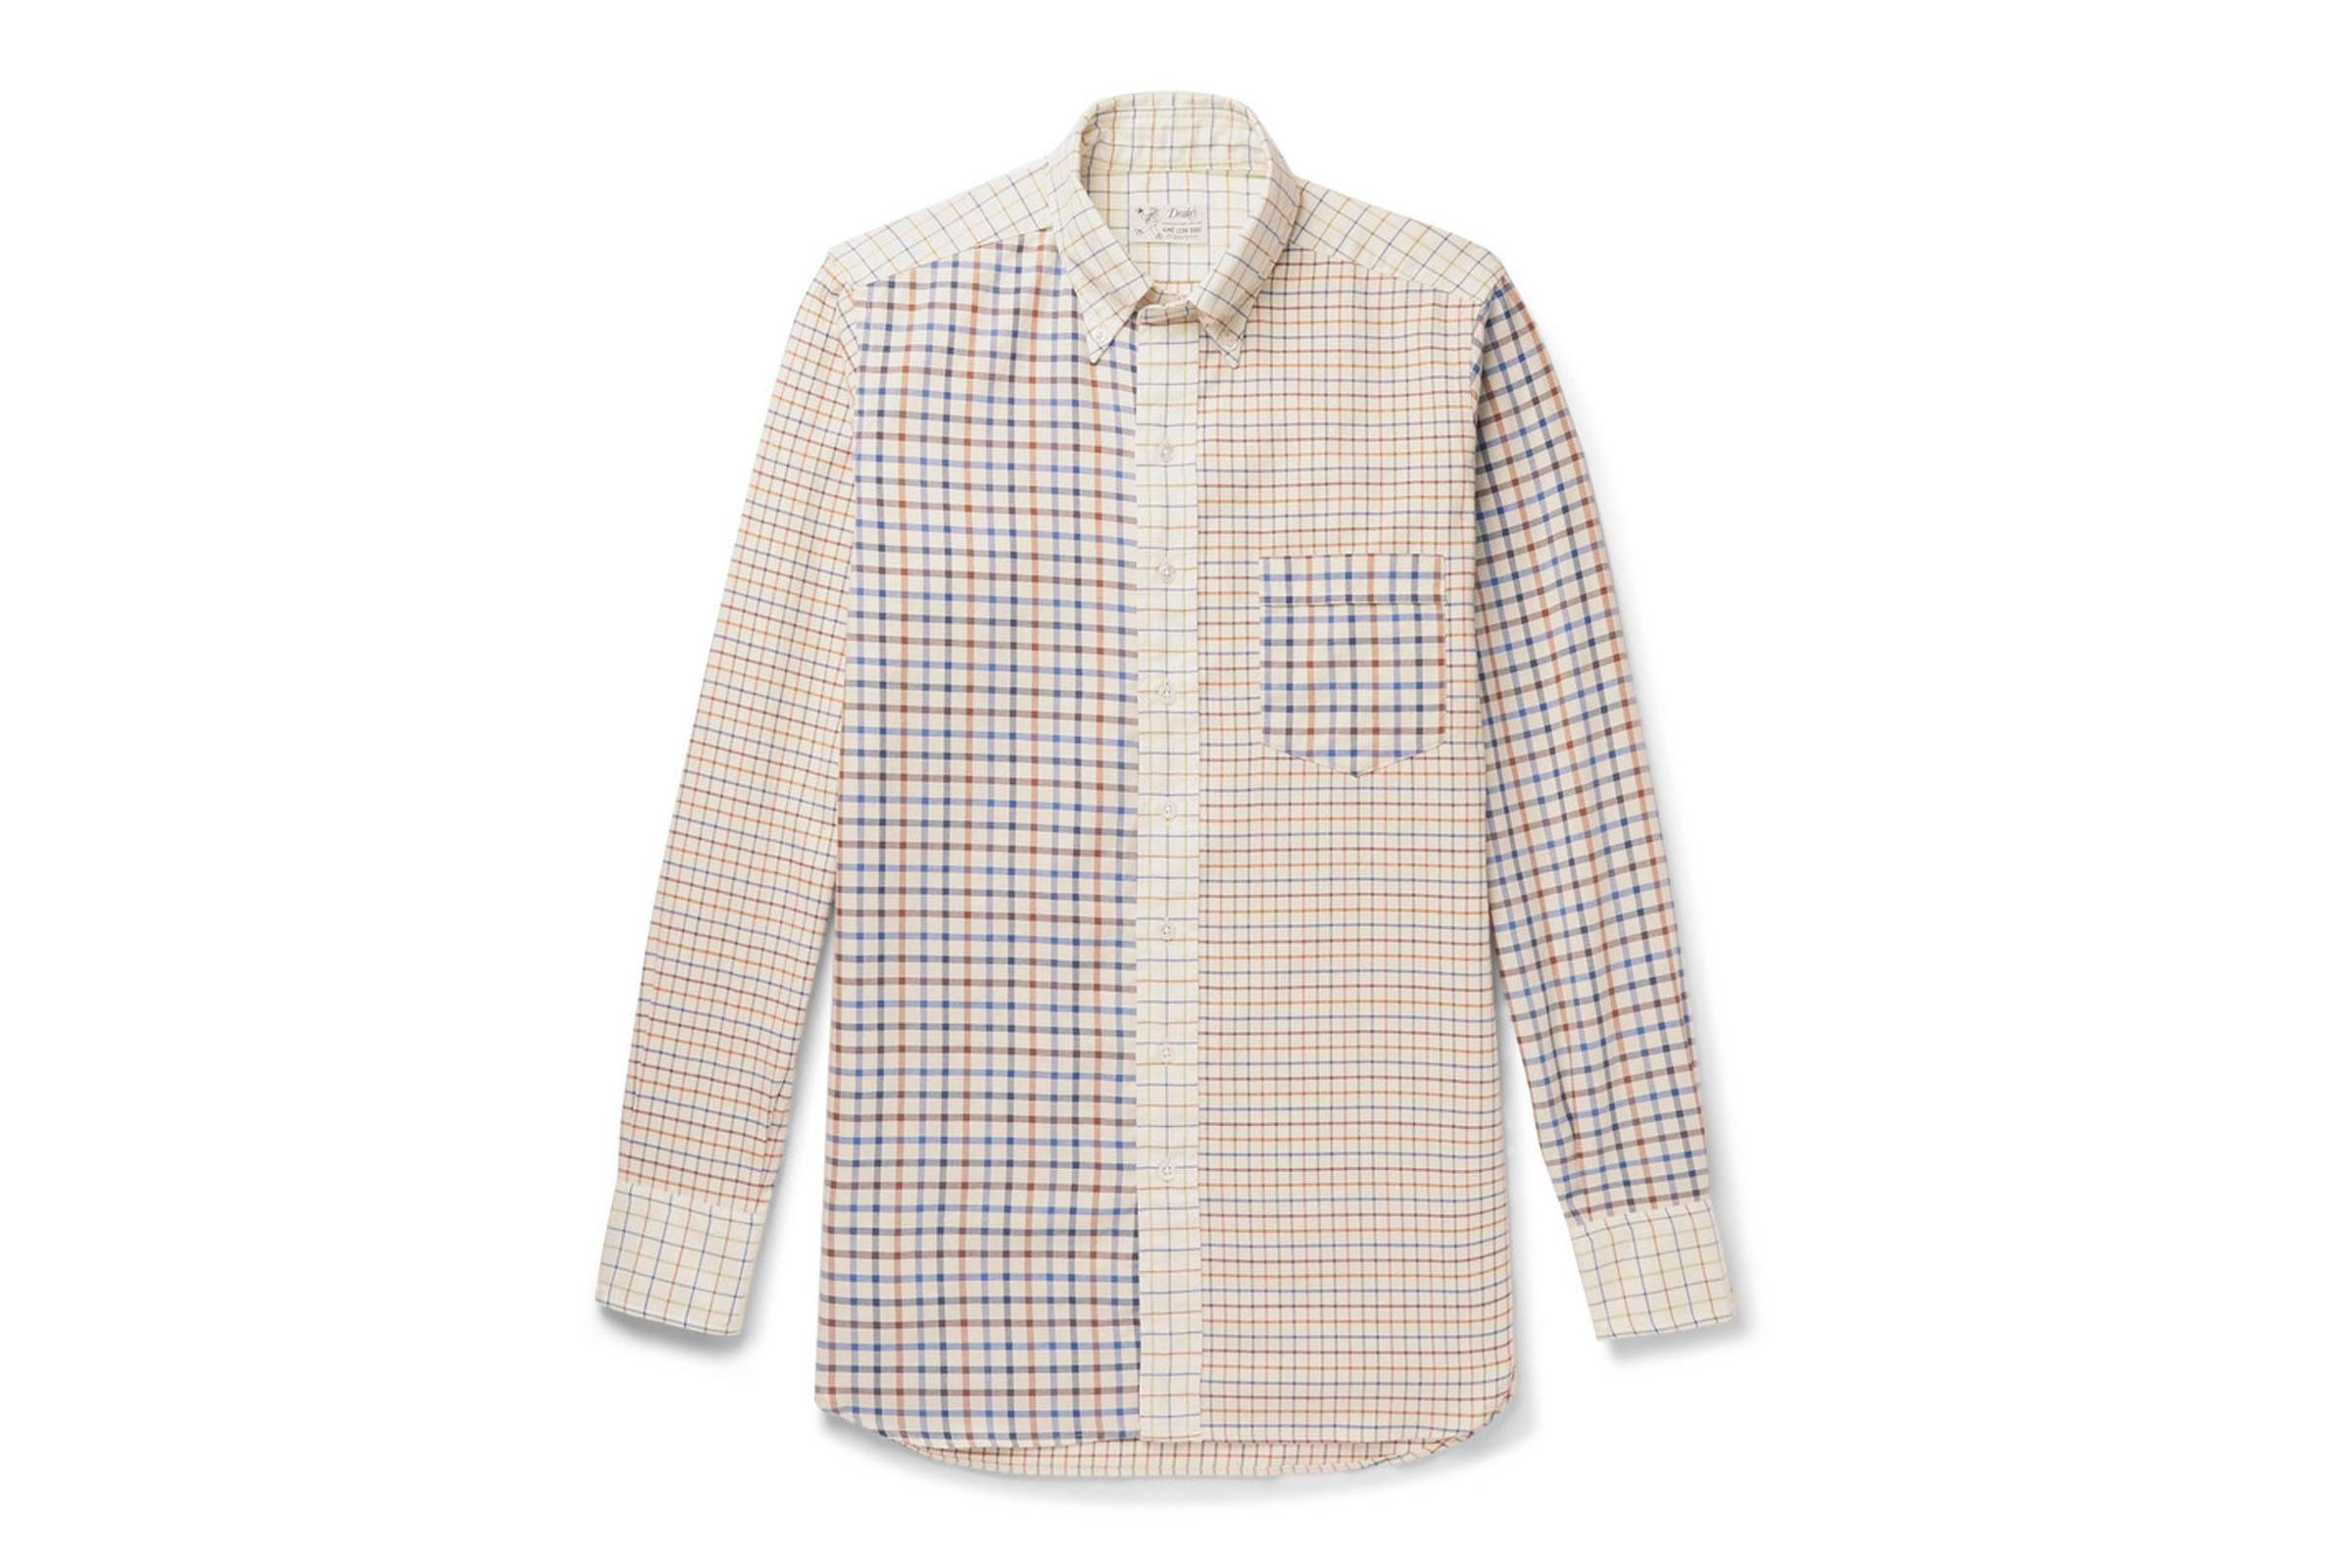 Aimé Leon Dore for Drake's Button-Down Shirt